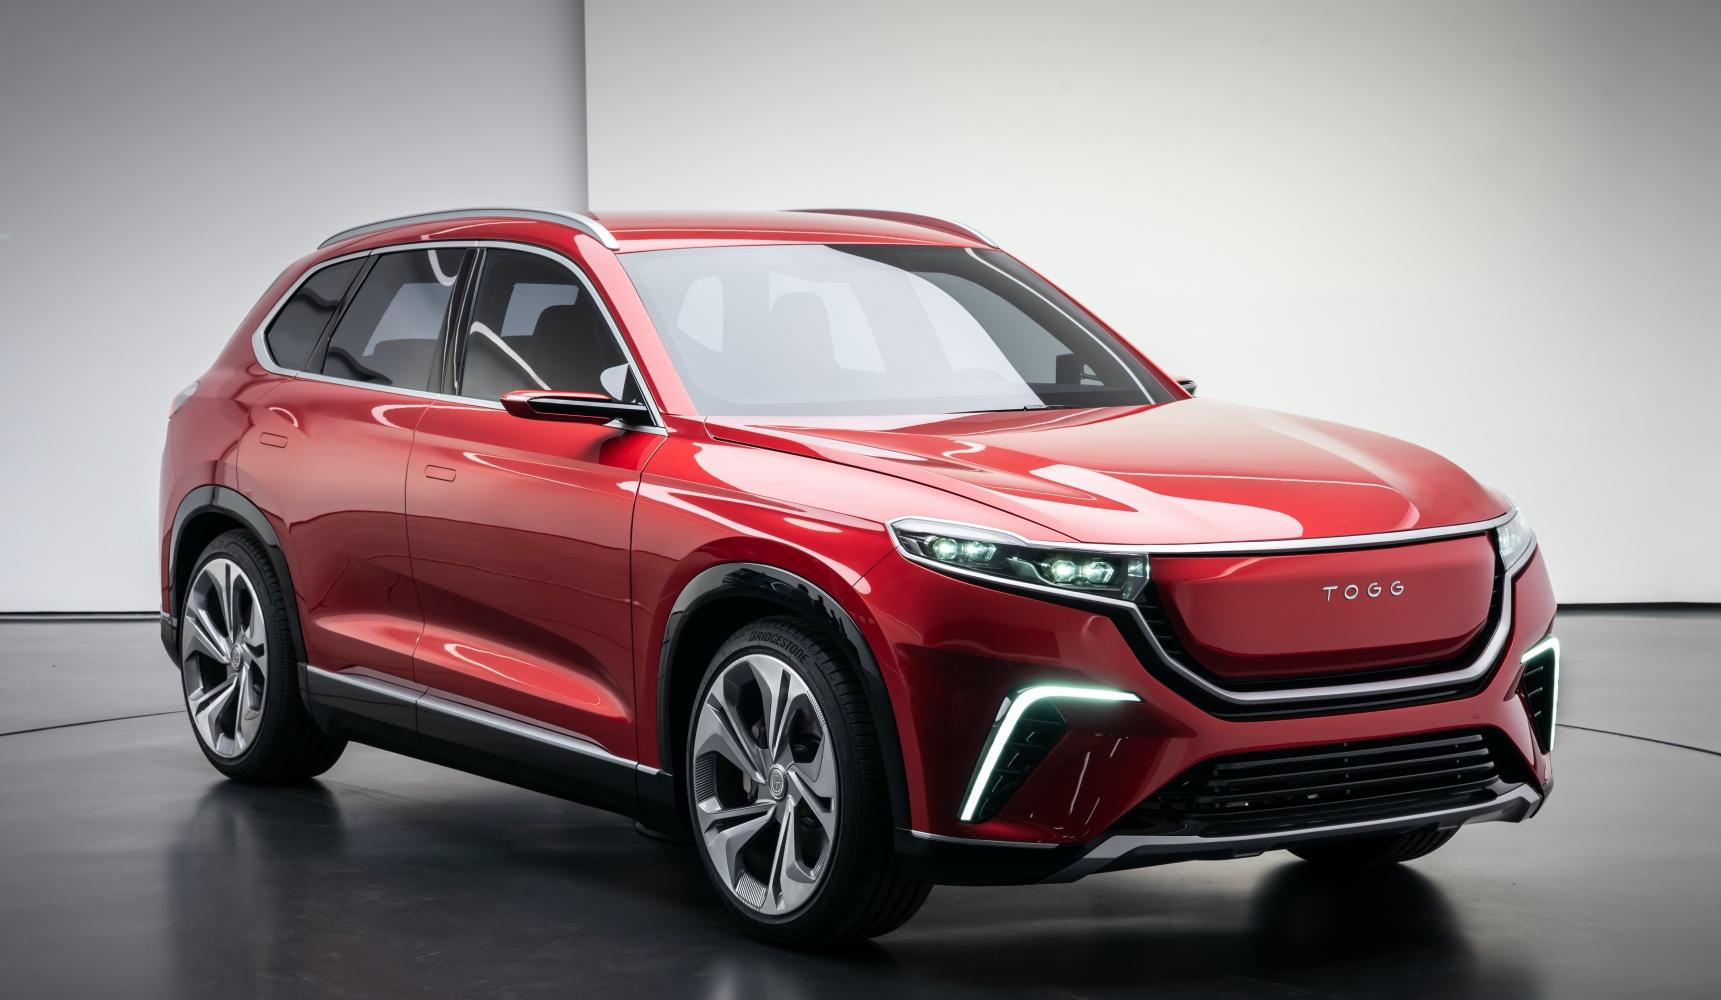 TOGG – zupełnie nowa marka samochodów. Nadchodzą elektryki z Turcji